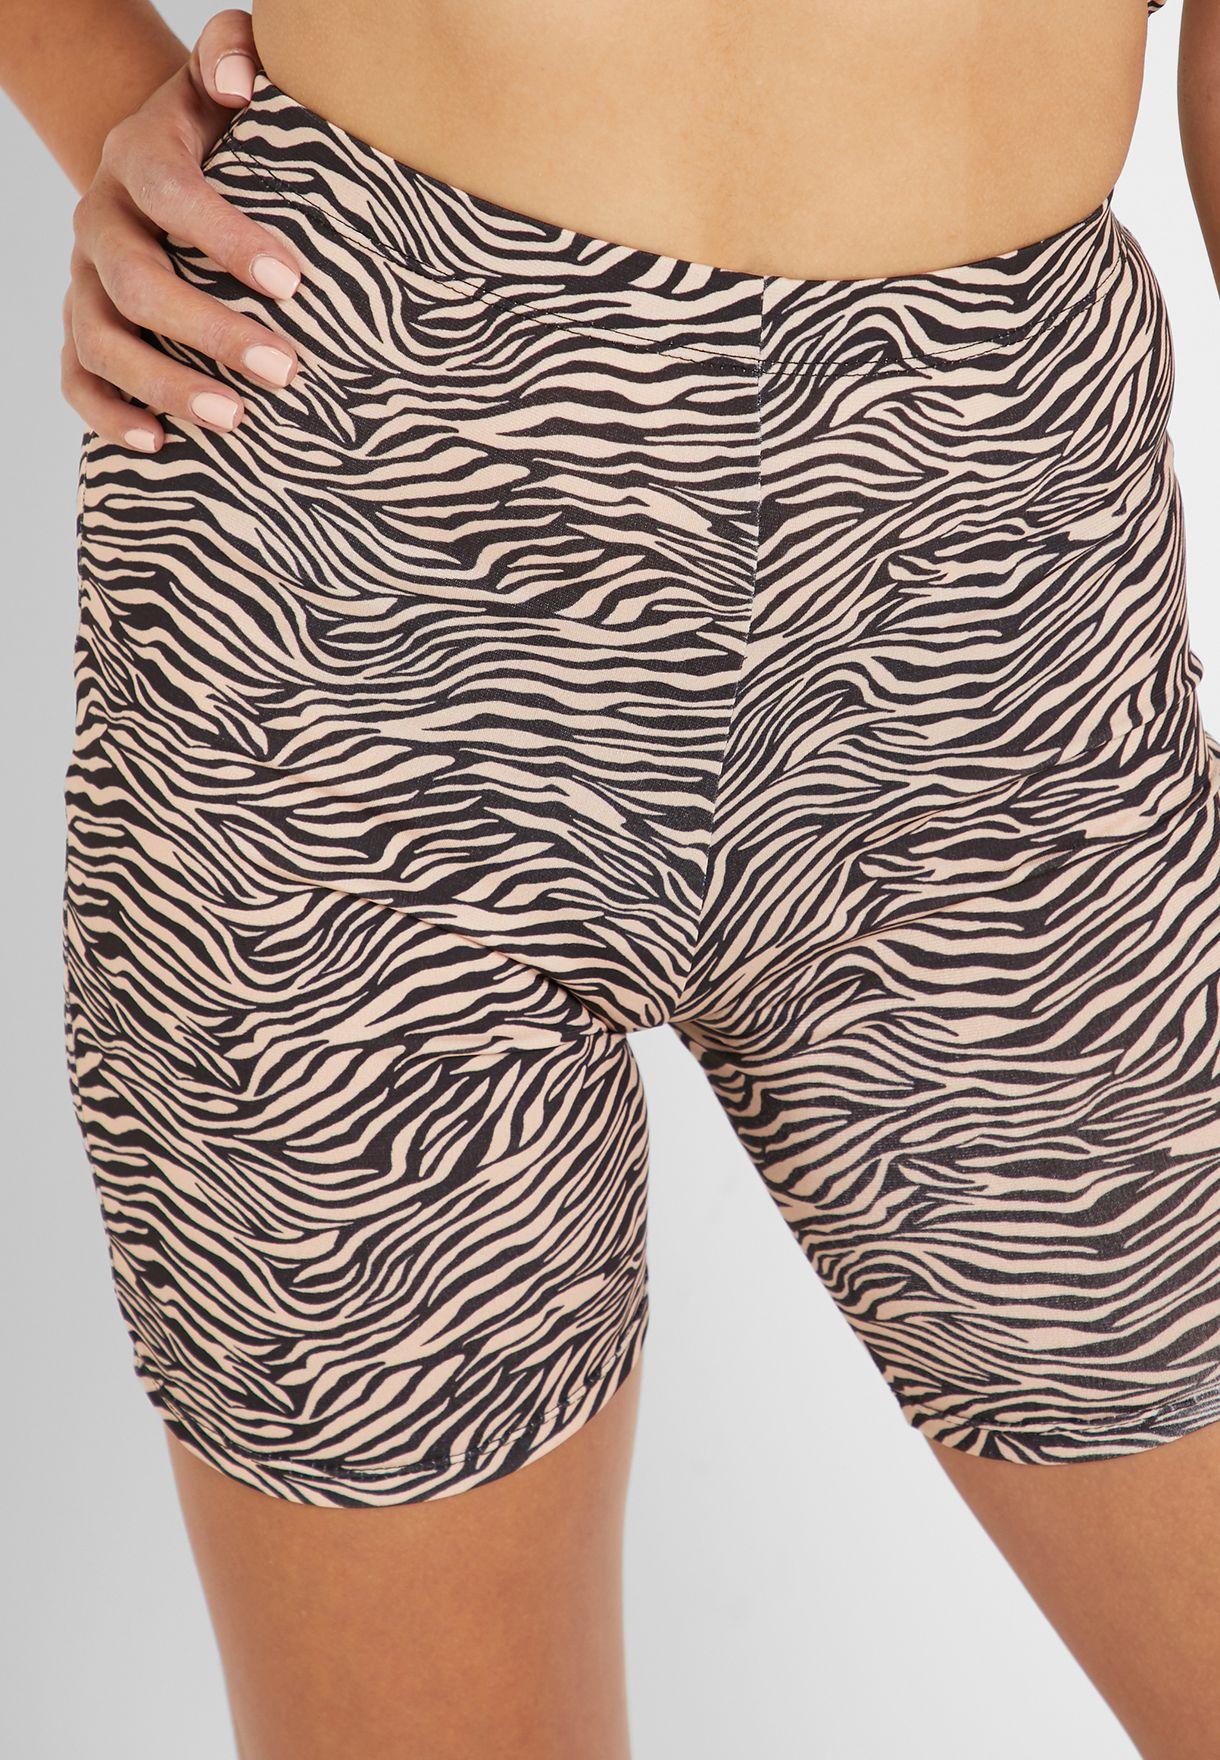 Zebra Print Cycling Shorts